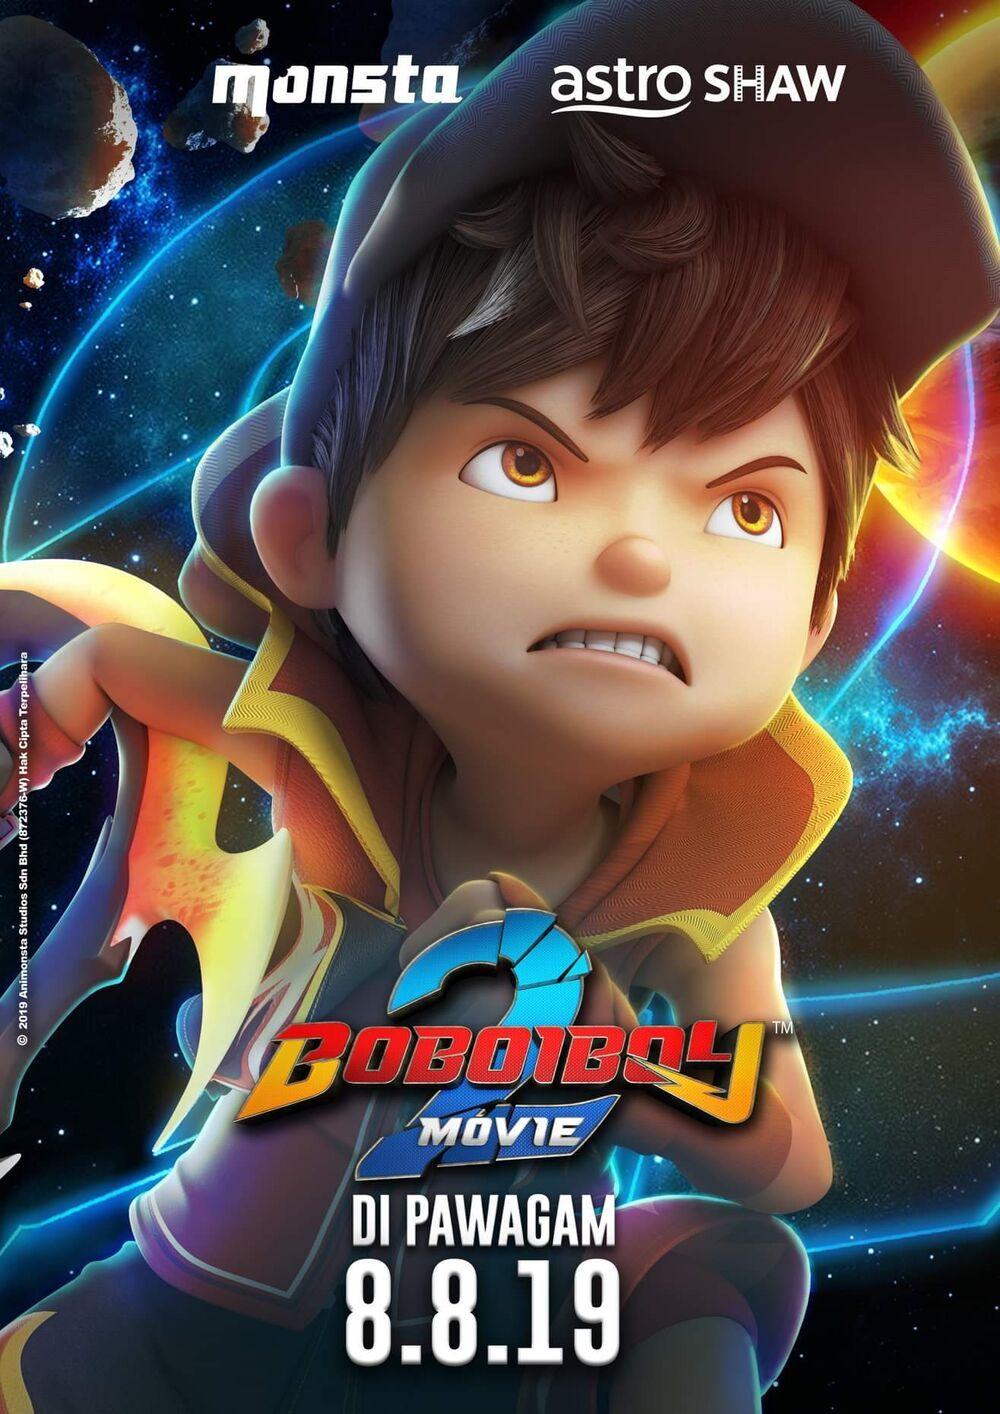 Boboiboy Movie 2 Boboiboy Wiki Fandom Galaxy Movie Boboiboy Galaxy Boboiboy Anime